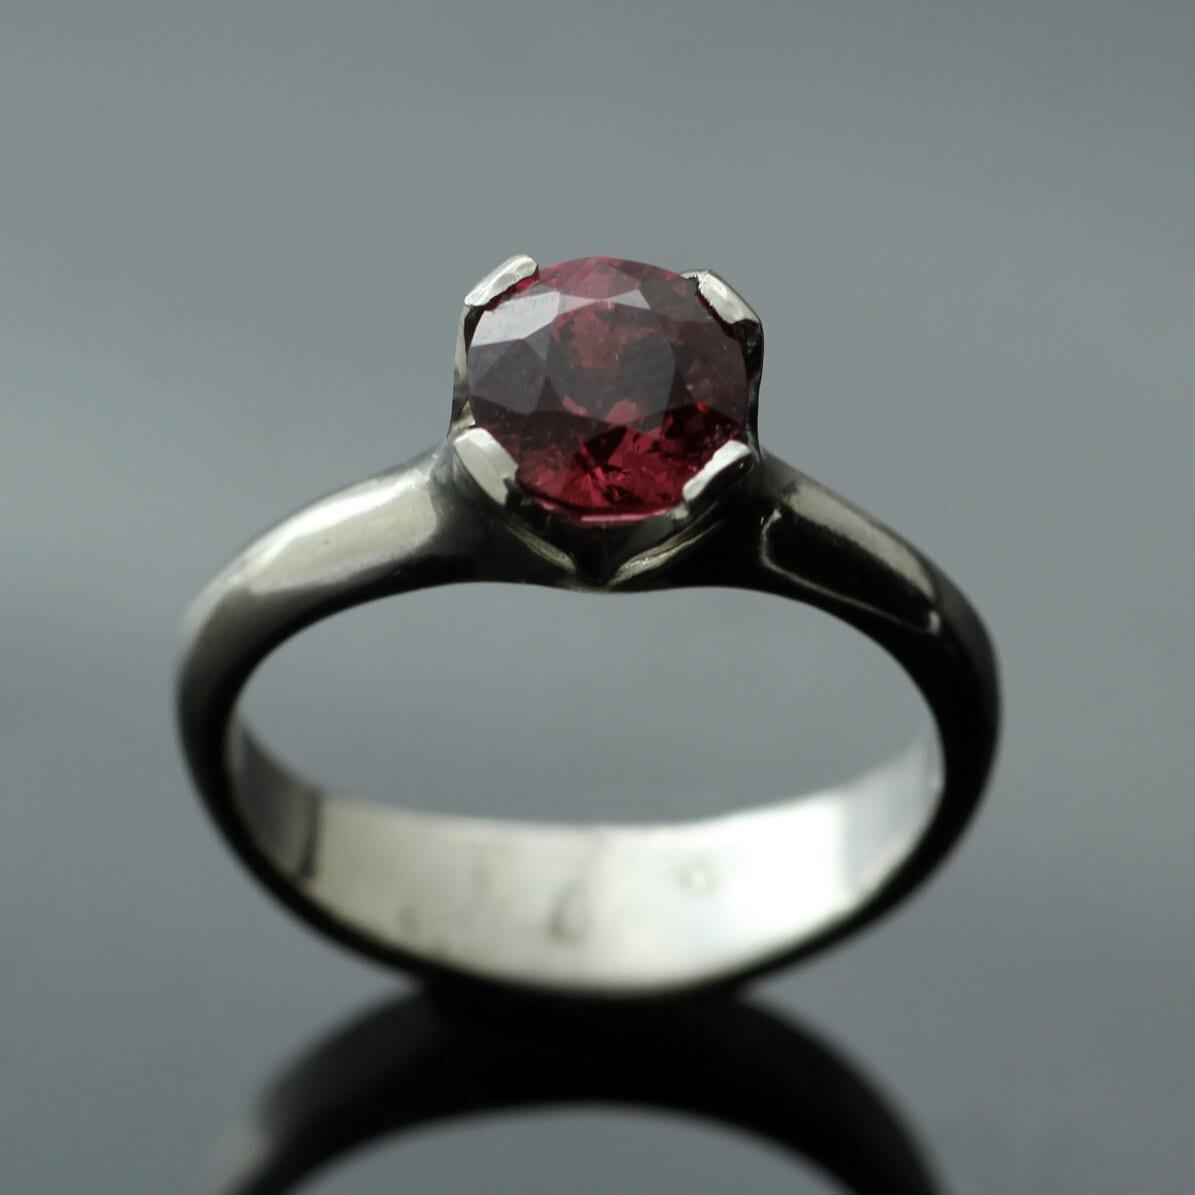 Peach Spinel Palladium modern engagement ring